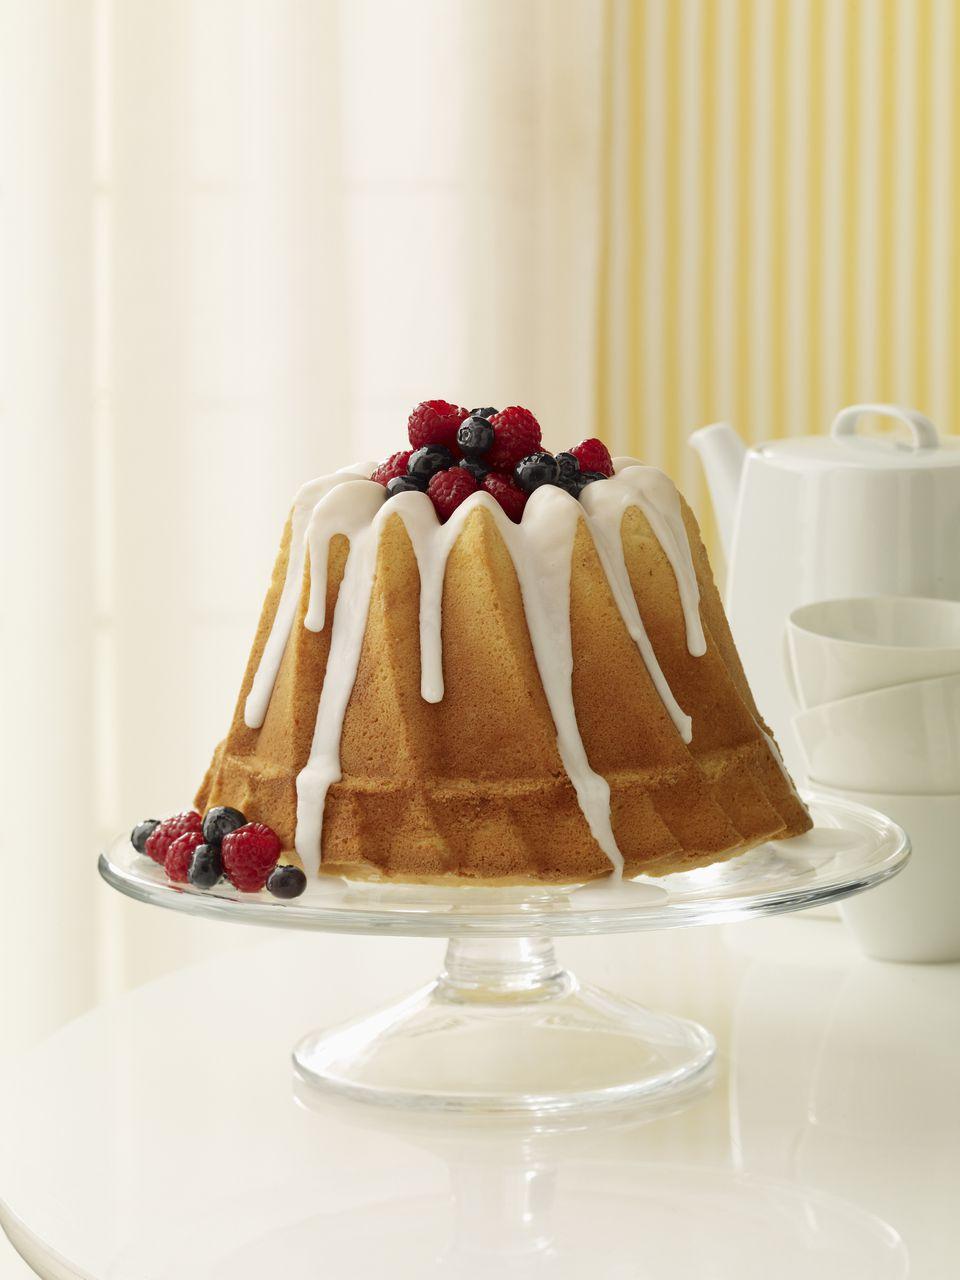 Easy polish lemon blueberry bundt cake recipe forumfinder Image collections